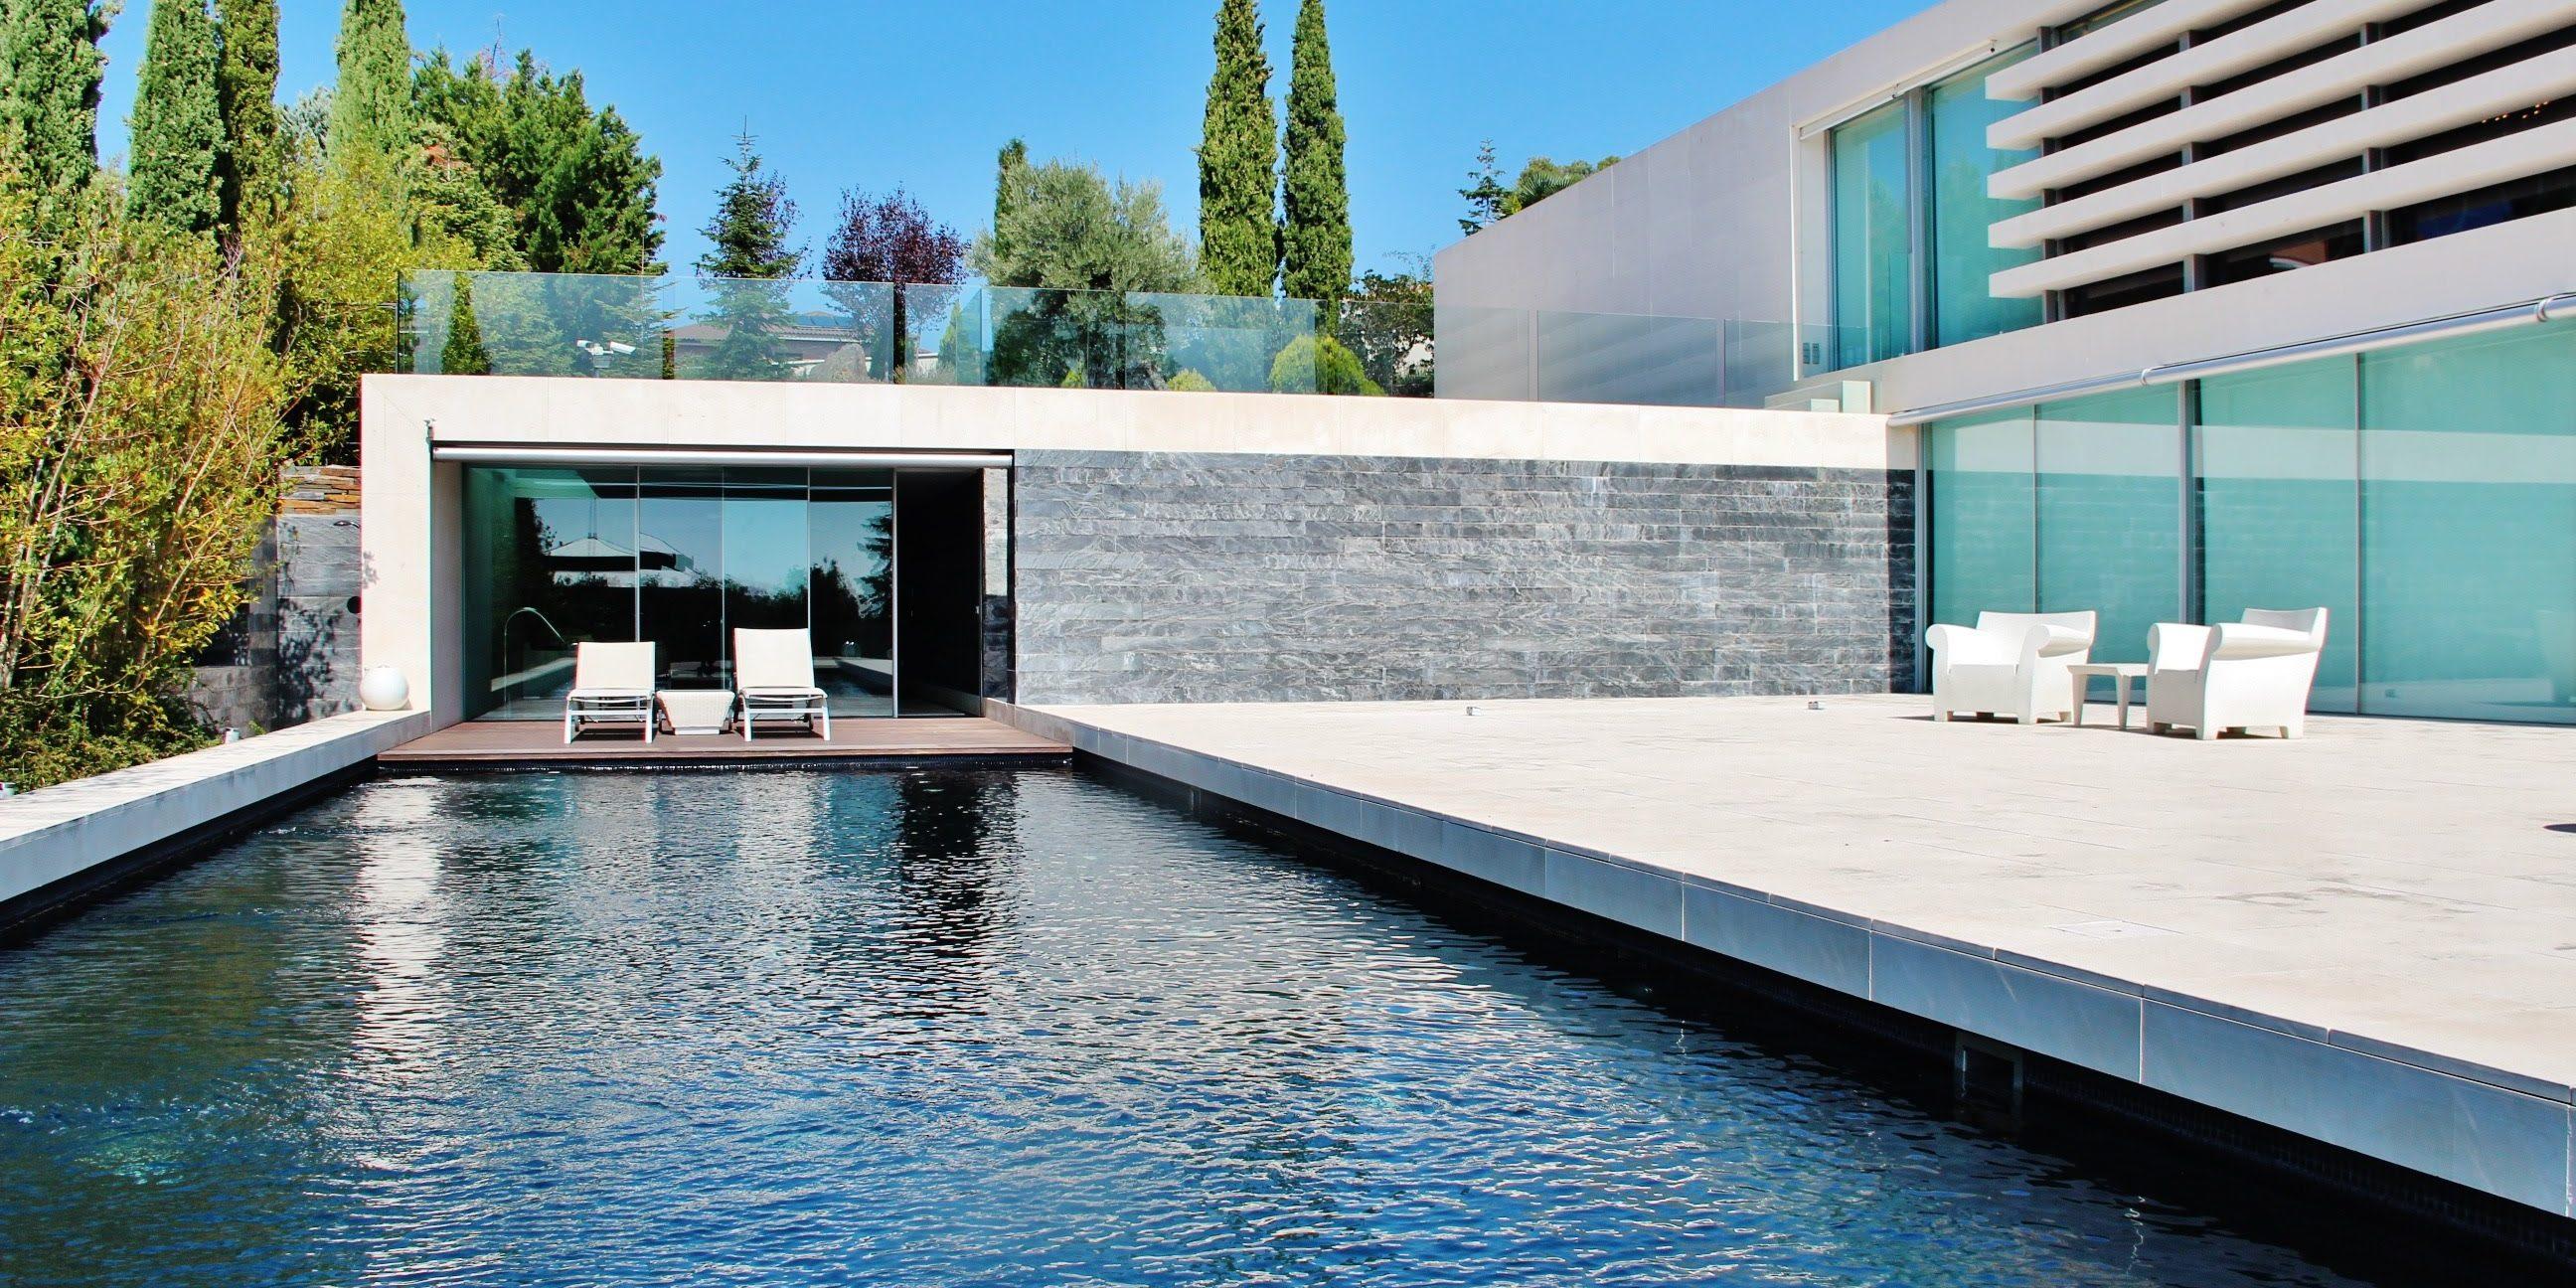 Elegancia y dise o piscinas de piedra natural santes - Piedra natural para piscinas ...